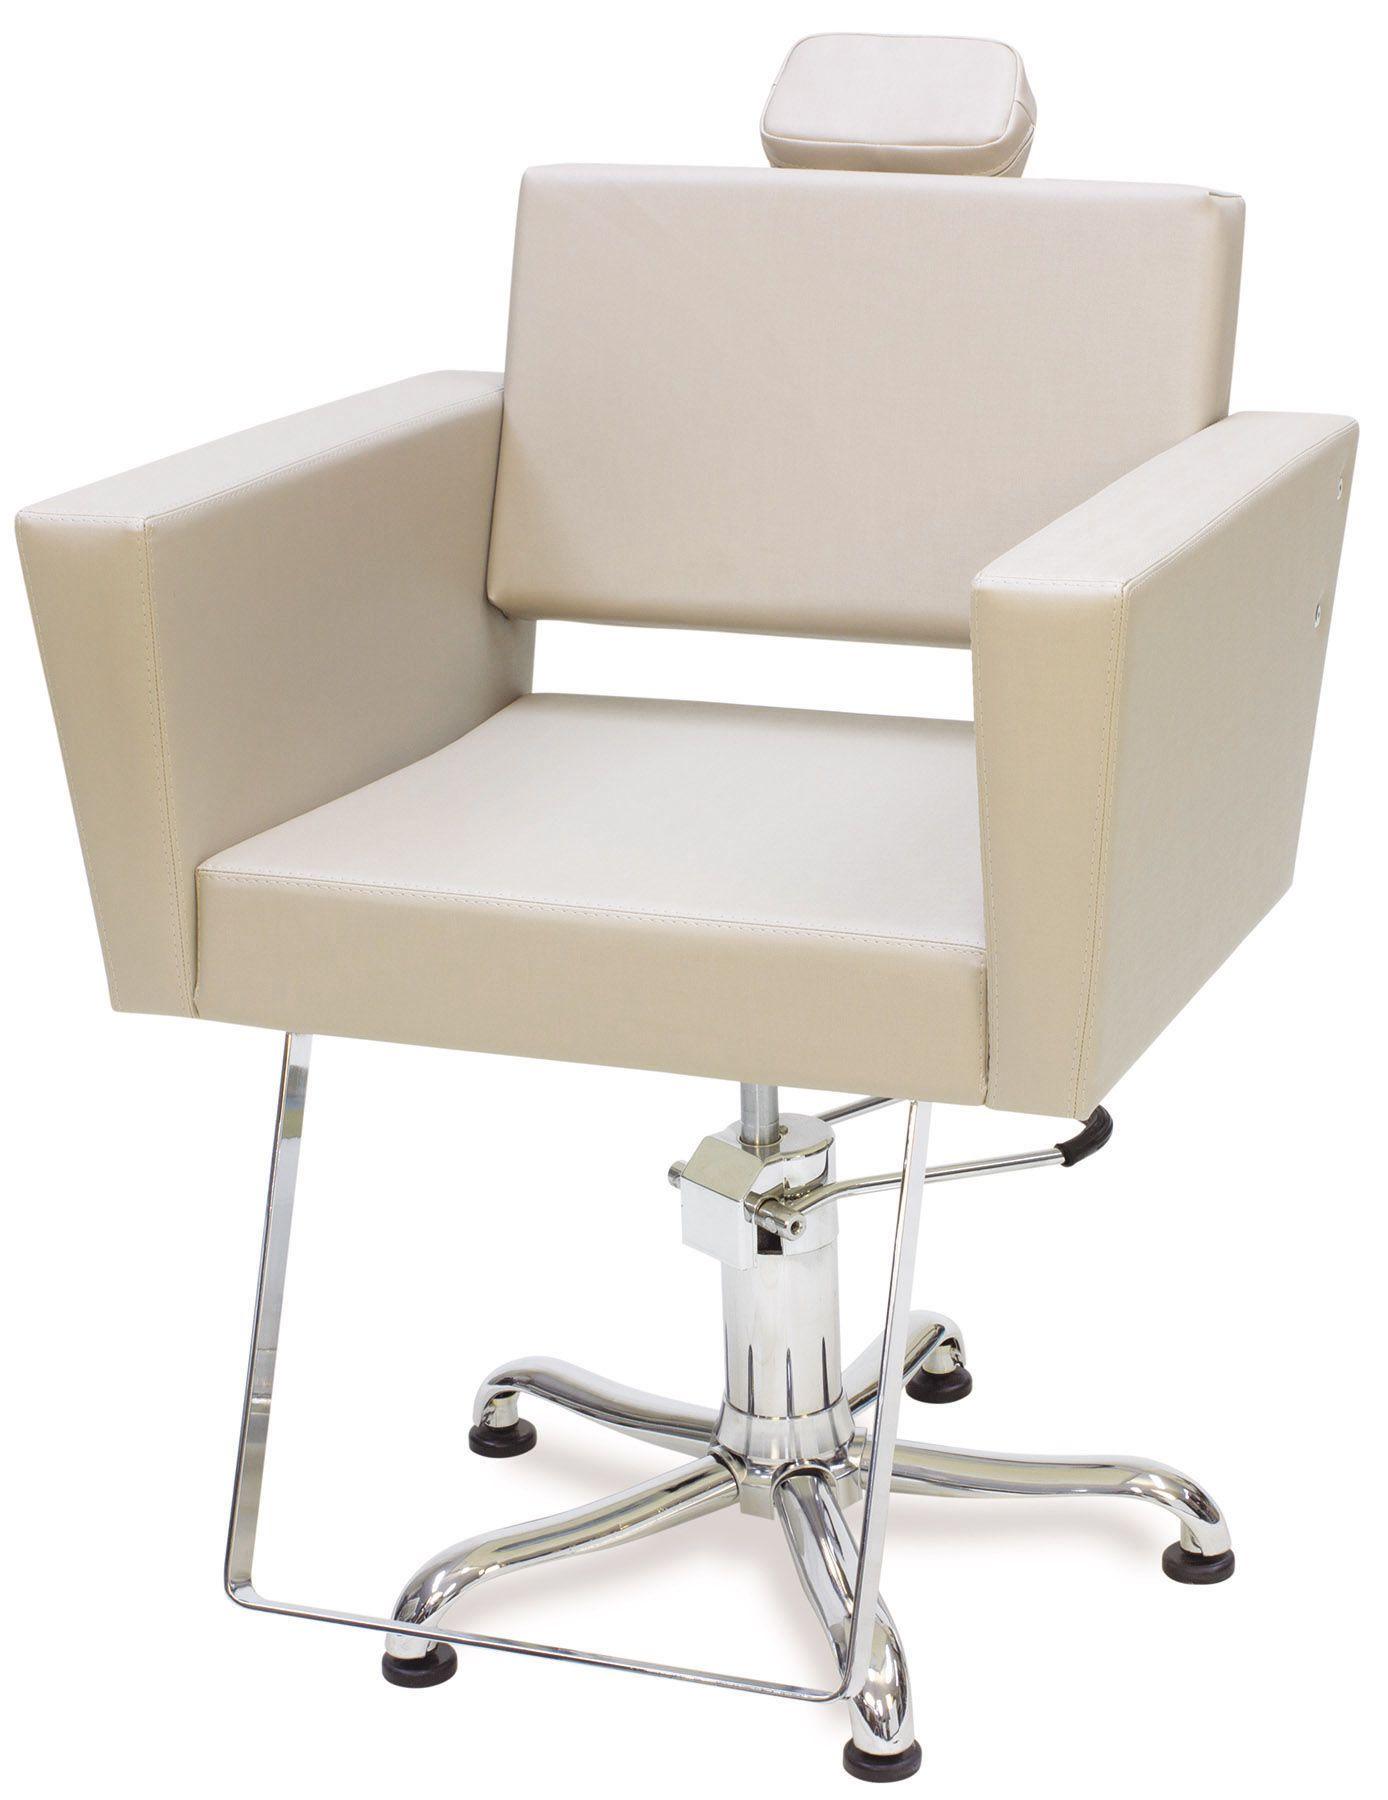 Cadeira Poltrona Kixiki Niagara Fixa para Salão